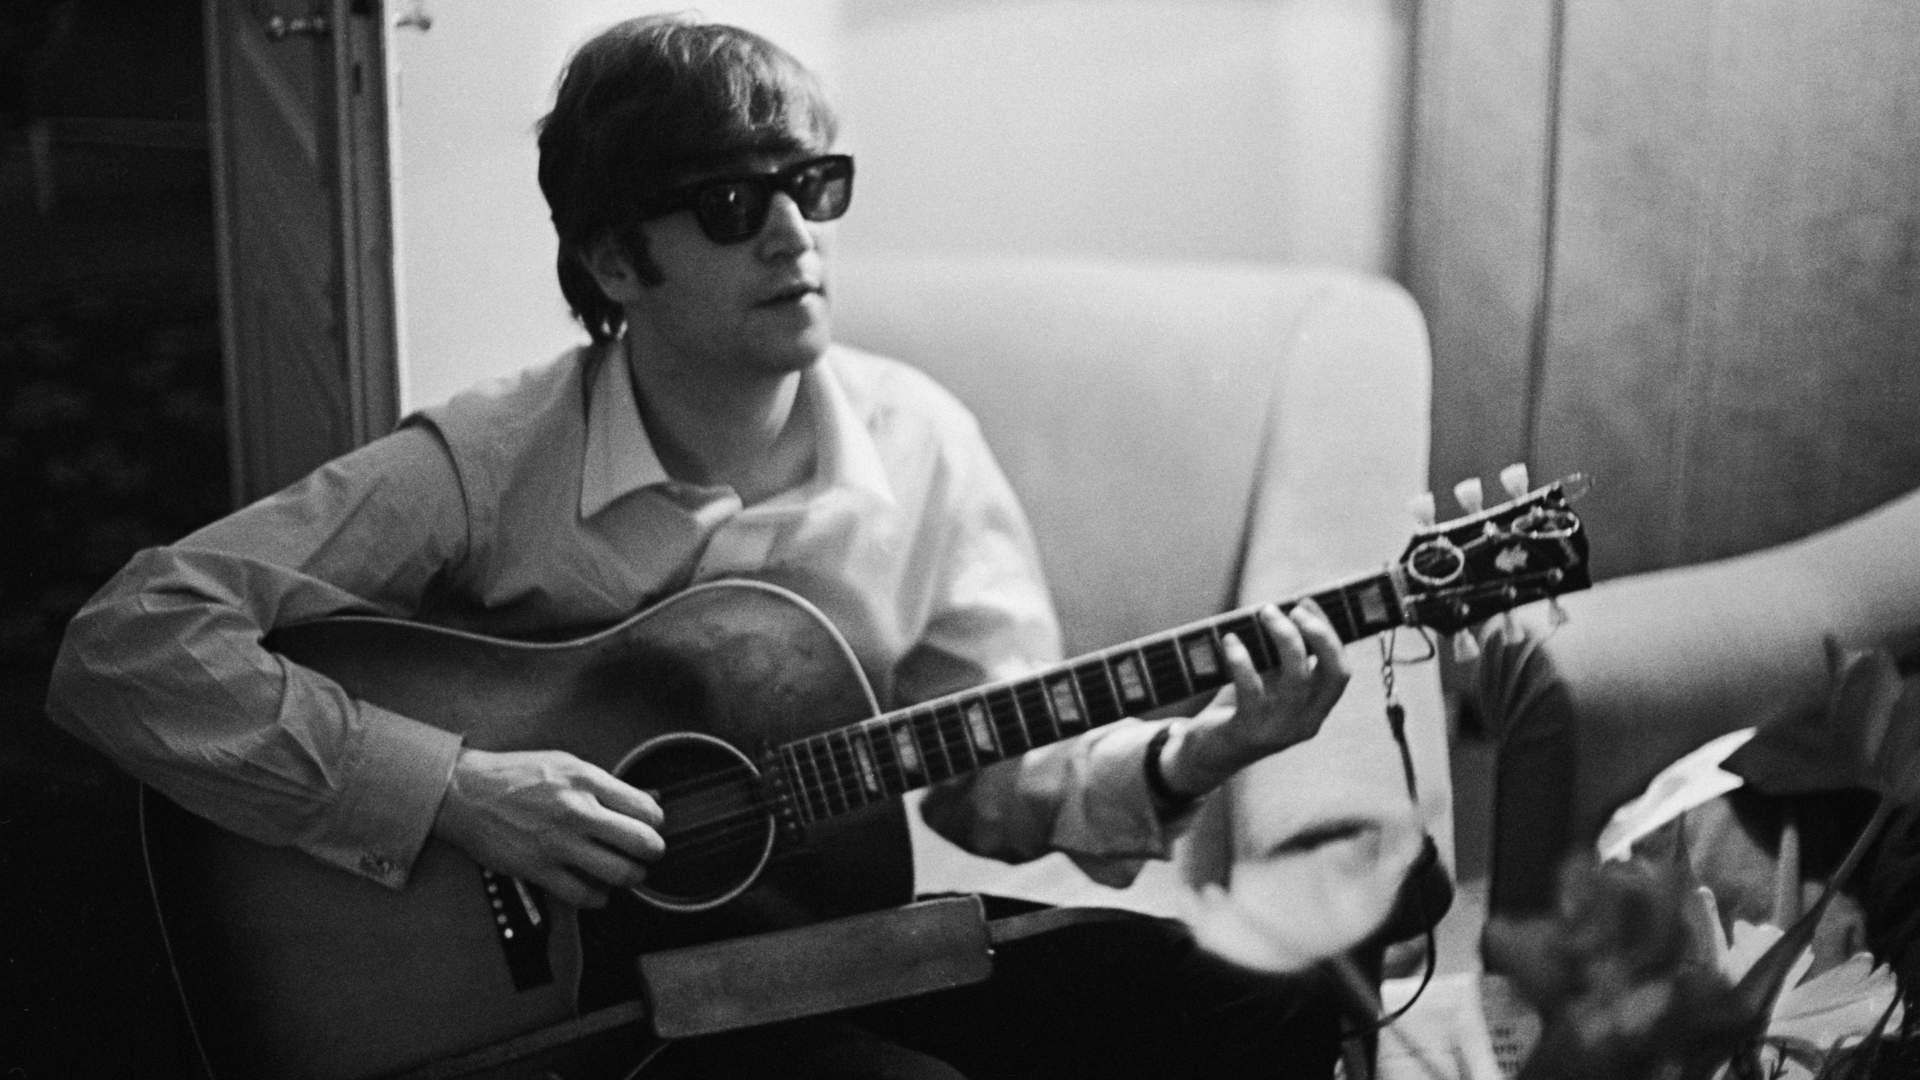 Вдова Джона Леннона выпустила кавер-версию на песню Imagine | Korrespondent.net